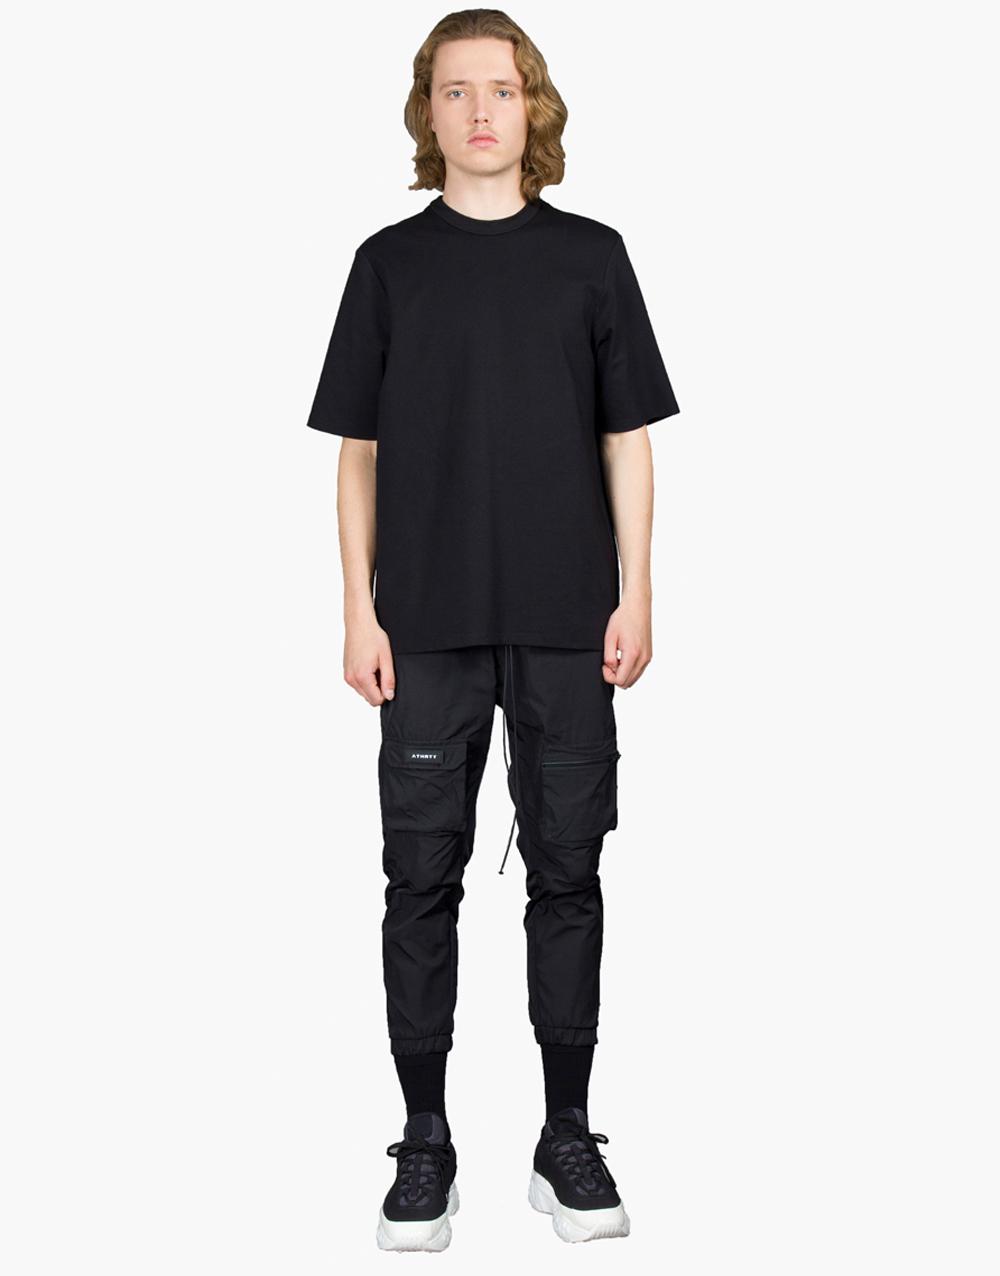 ATHRTY_thurs_tshirt_black_FW19_onyx